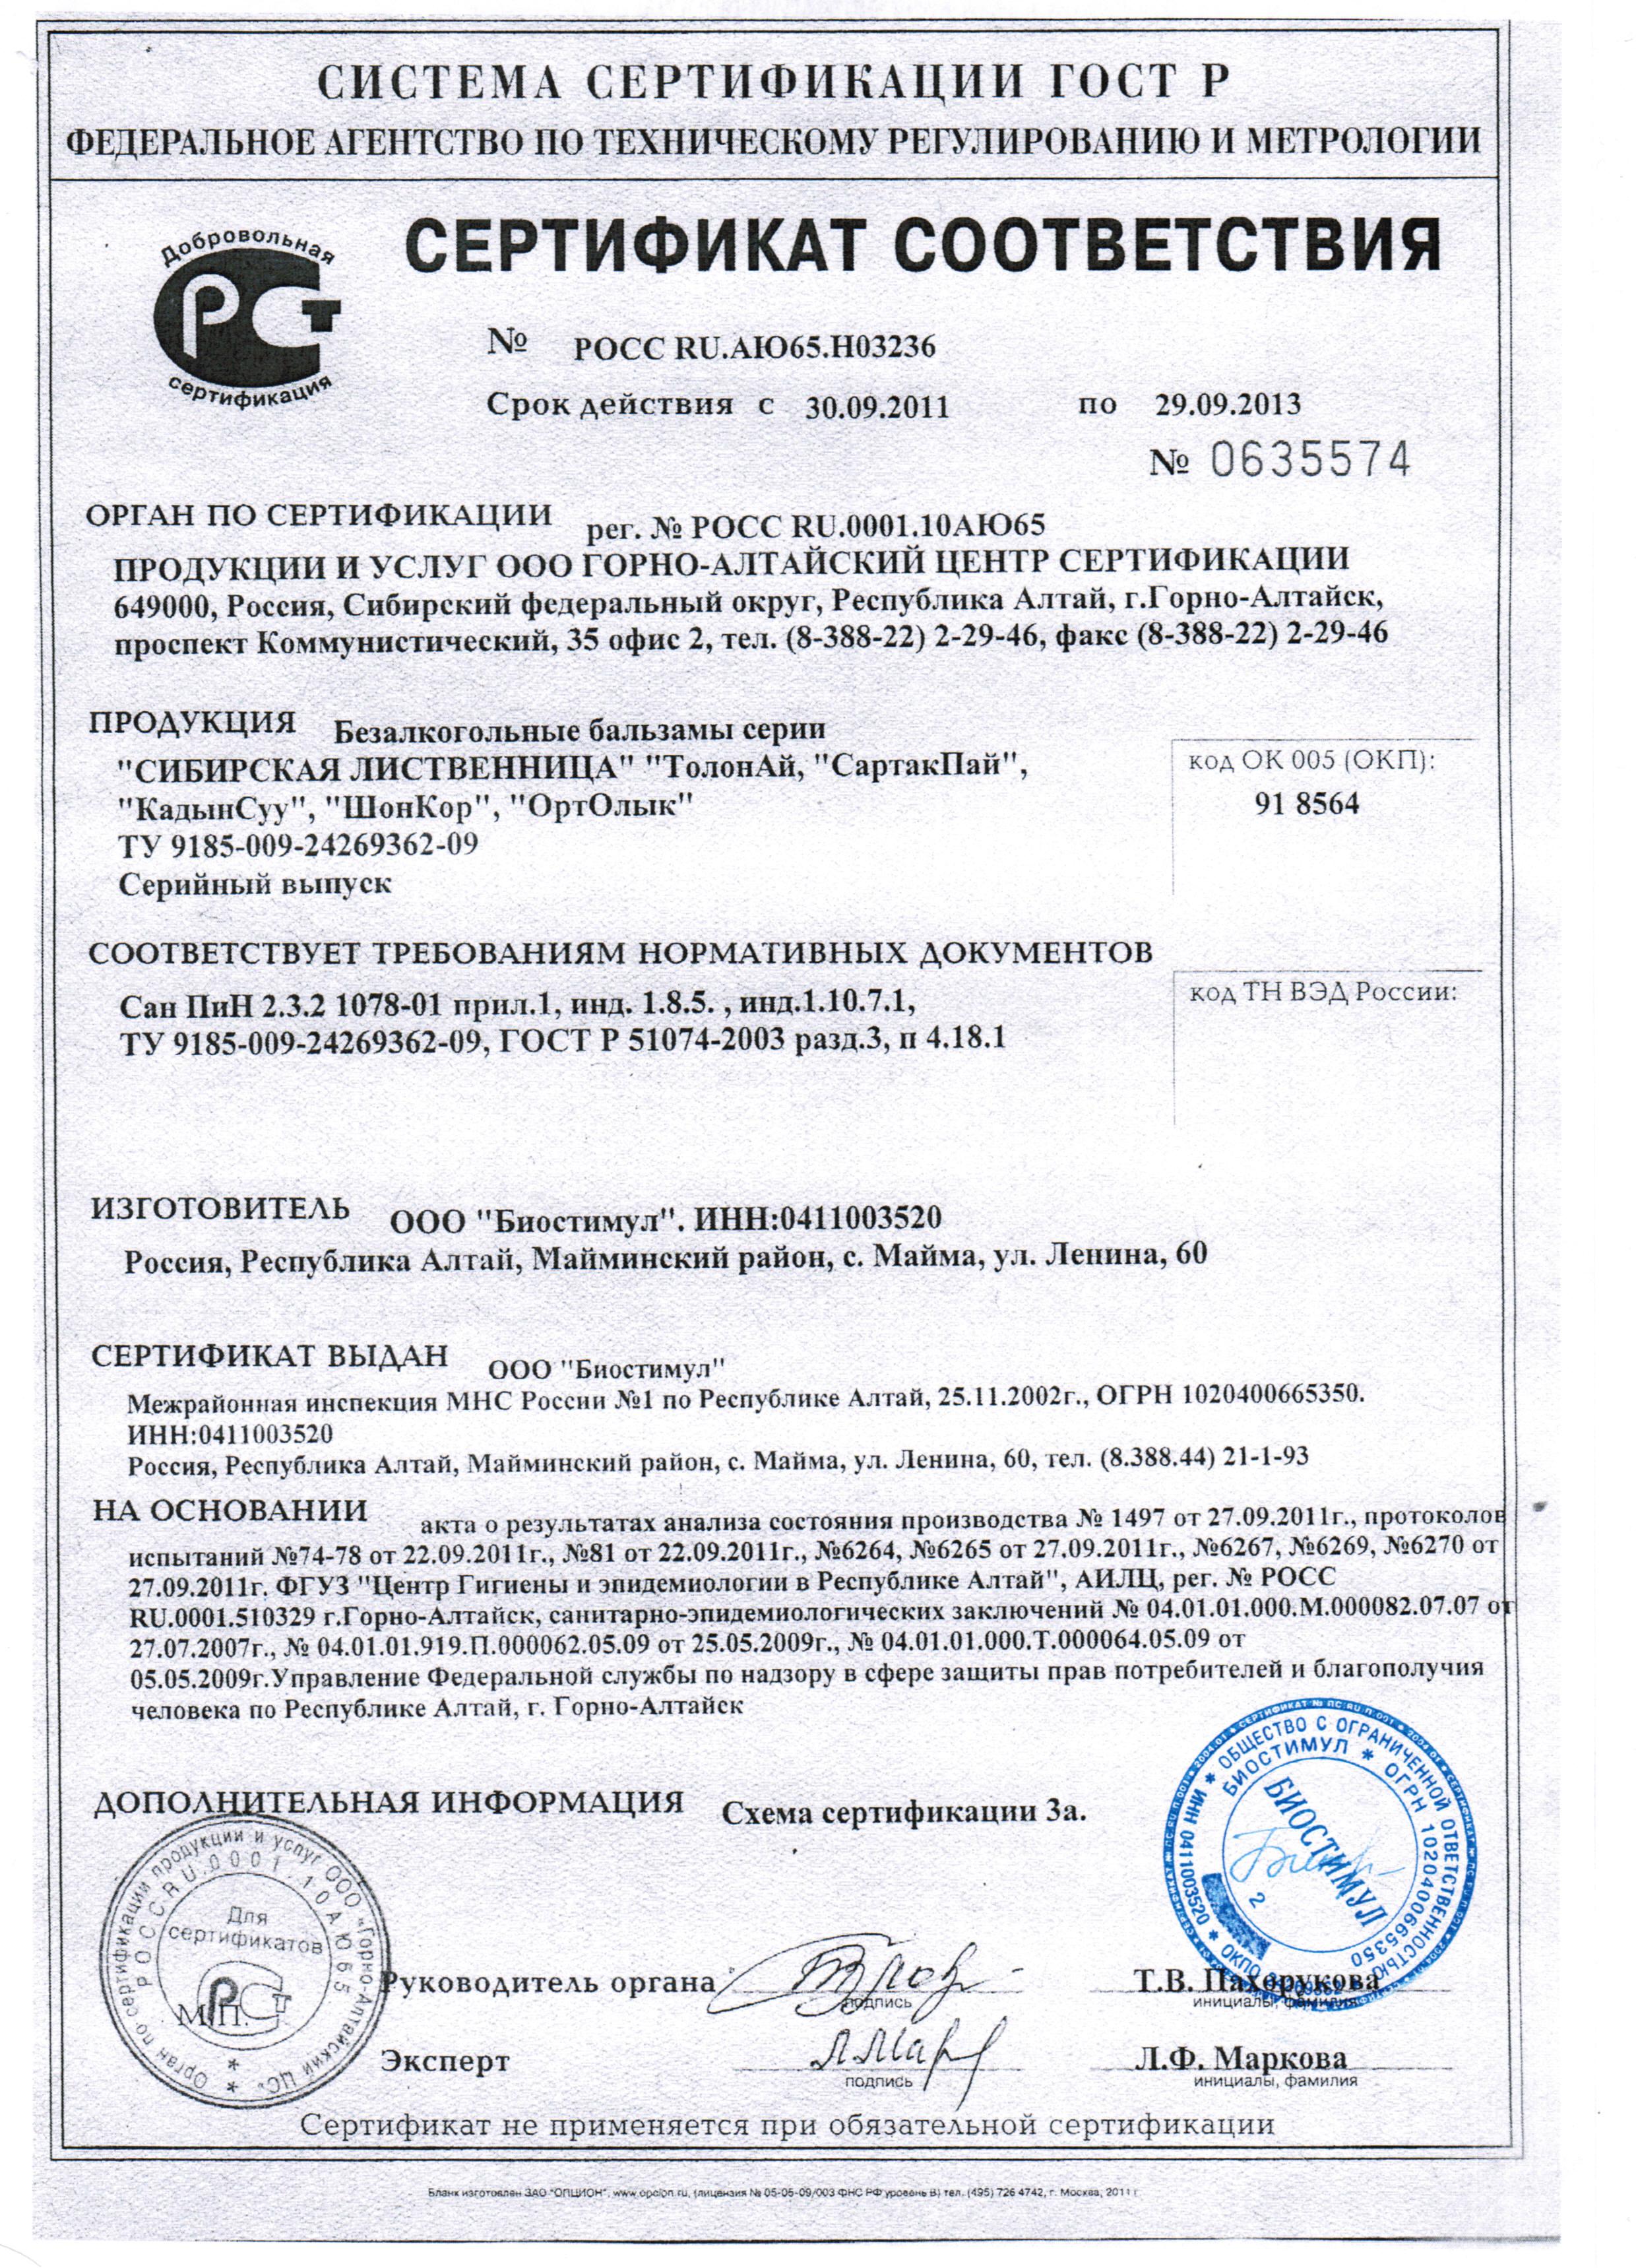 Биостимул - сертификат соответствия продукции